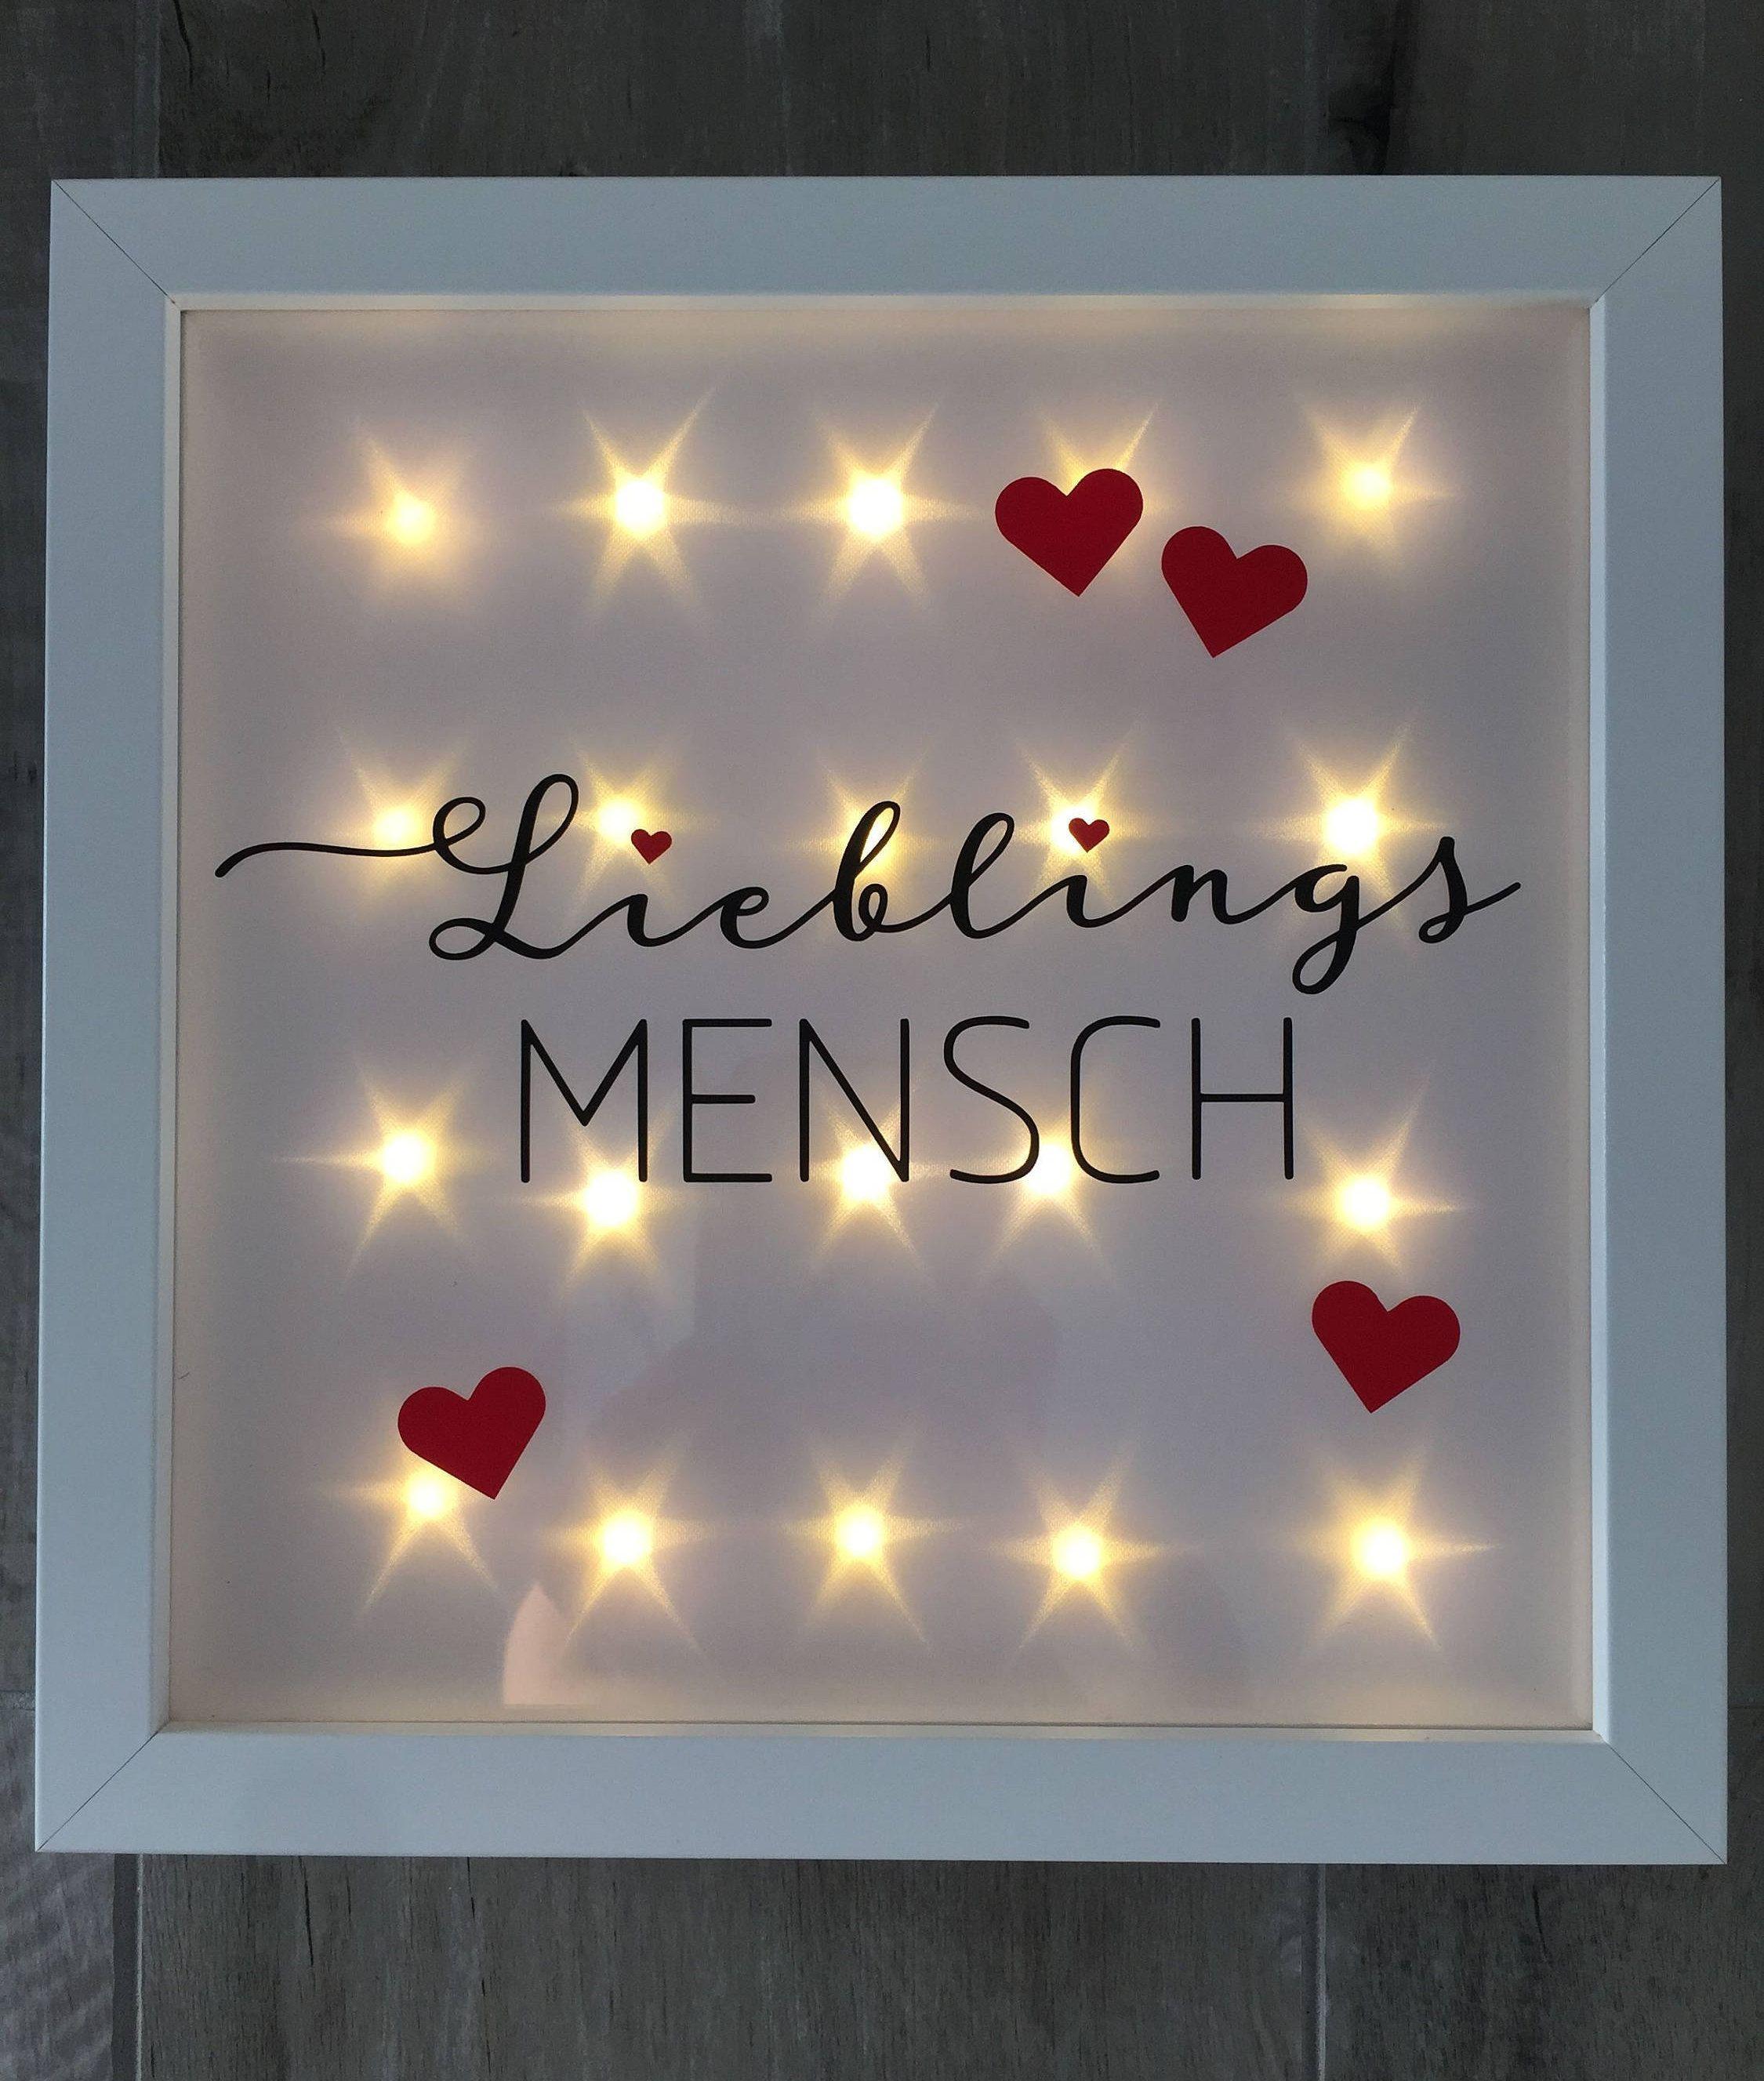 Beleuchteter Bilderrahmen Lieblingsmensch Led Rahmen Wanddeko Von Jonapwohnmanufaktur Auf Etsy Diy Geschenke Freund Beleuchteter Bilderrahmen Geschenke Fur Freund Weihnachten Und Geschenkideen